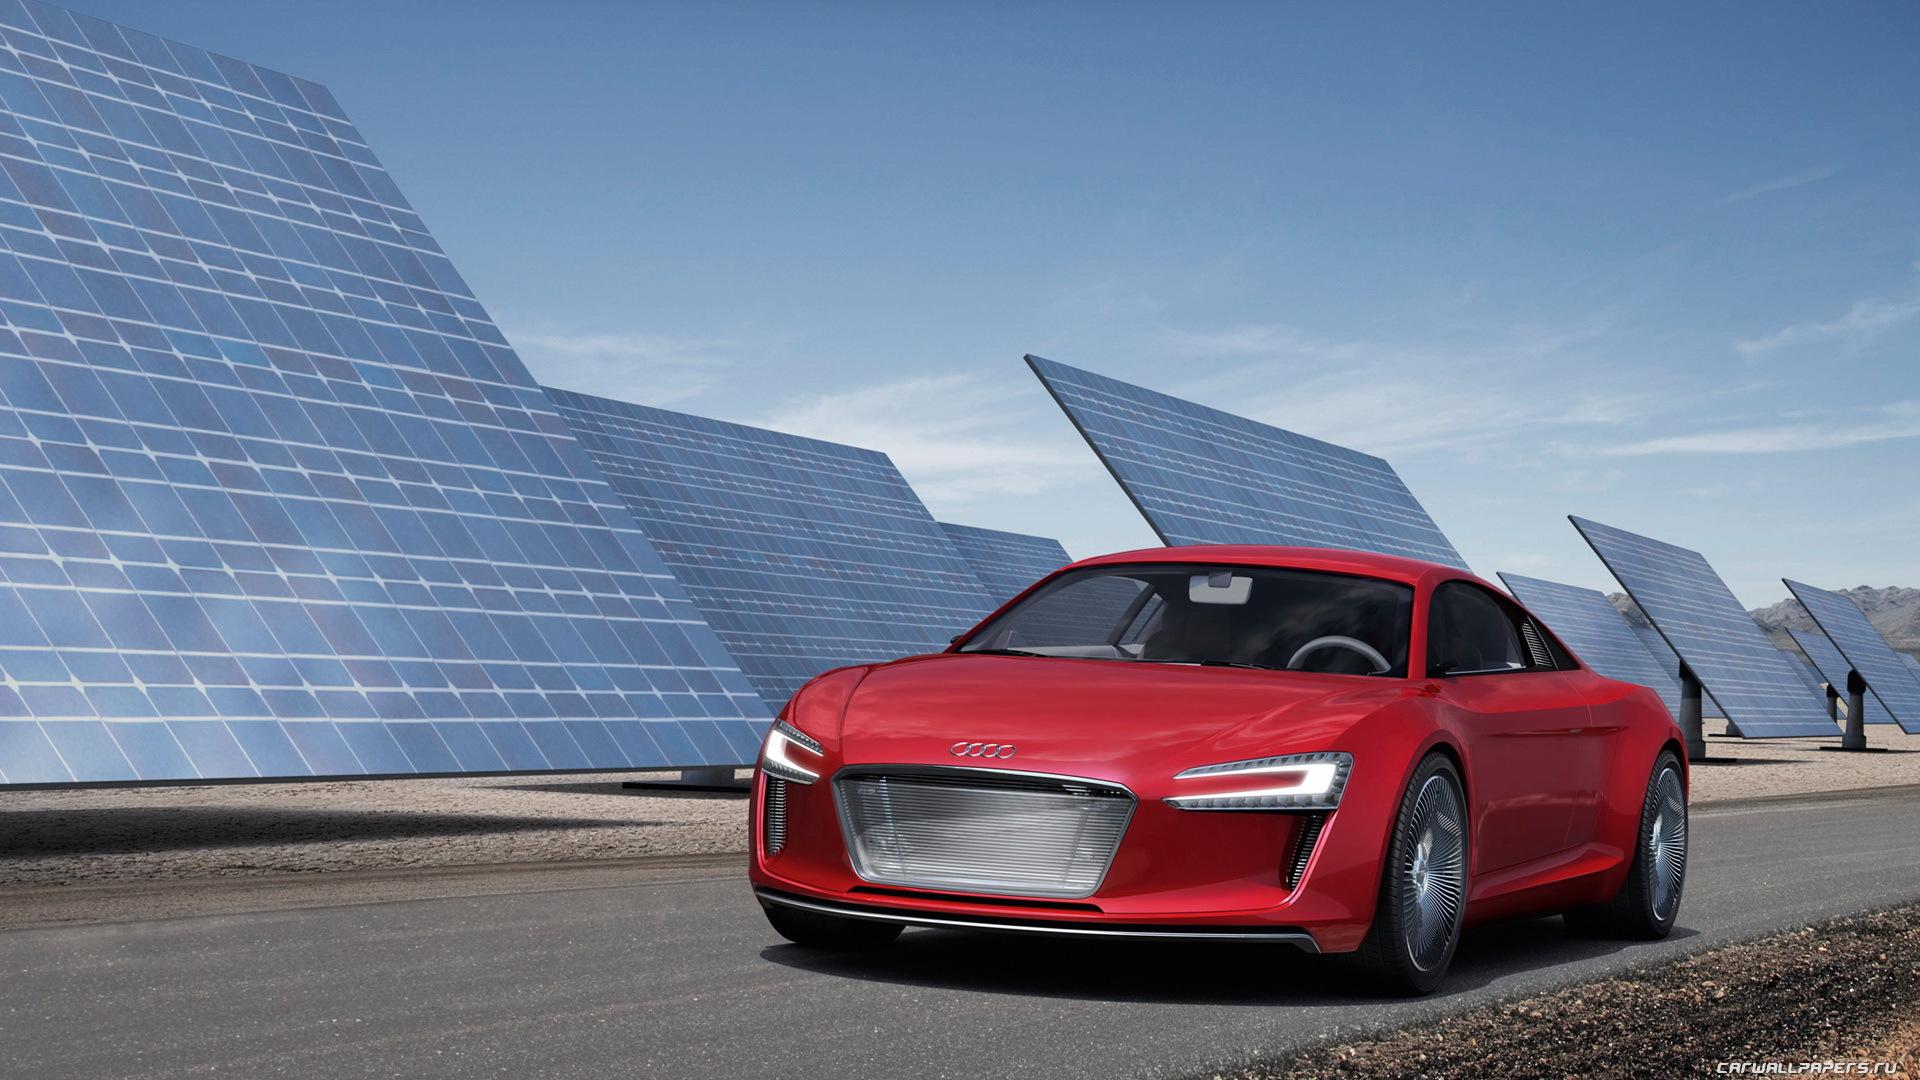 10907 скачать обои Транспорт, Машины, Ауди (Audi) - заставки и картинки бесплатно